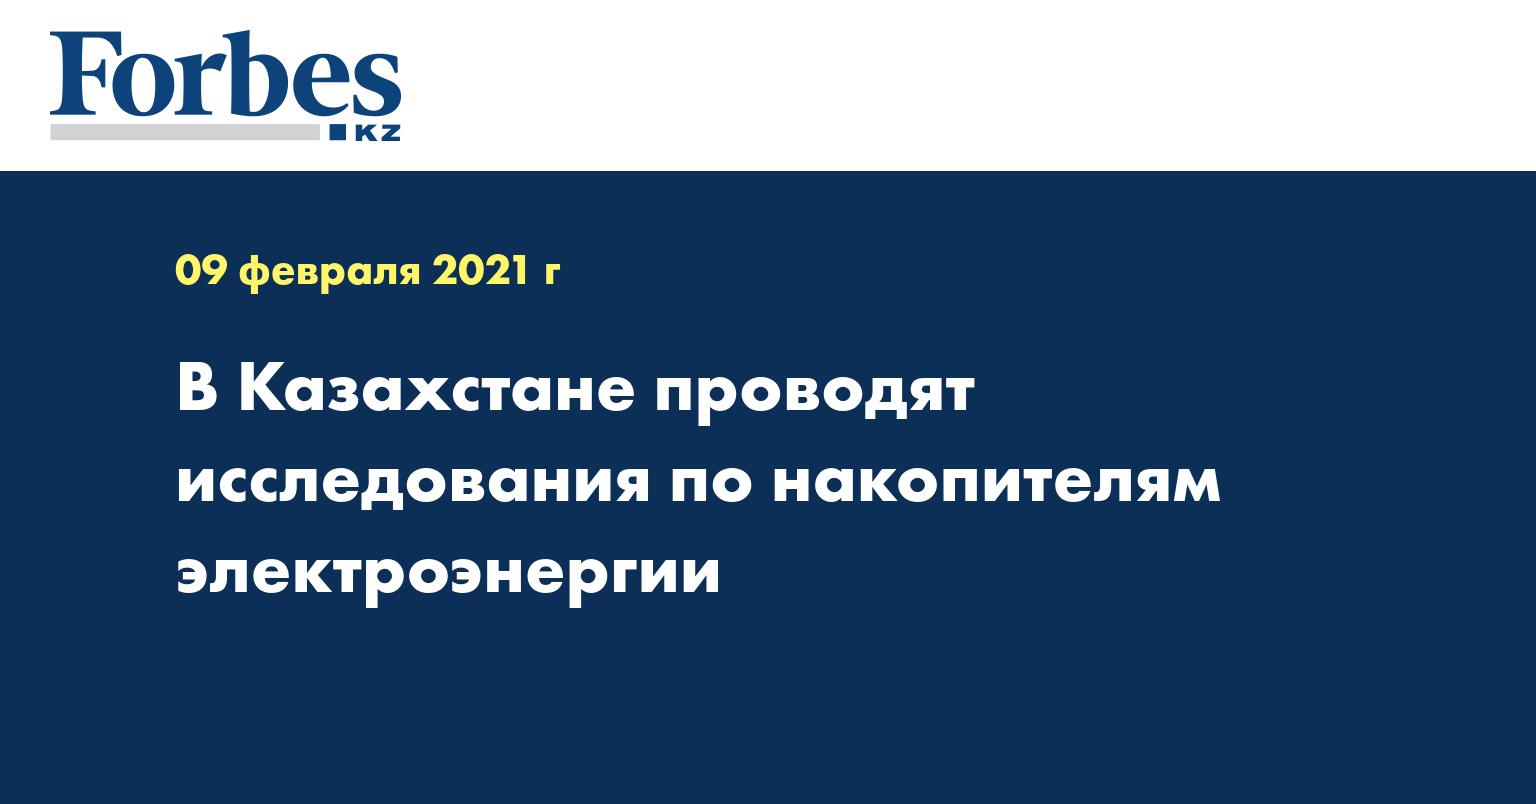 В Казахстане проводят исследования по накопителям электроэнергии